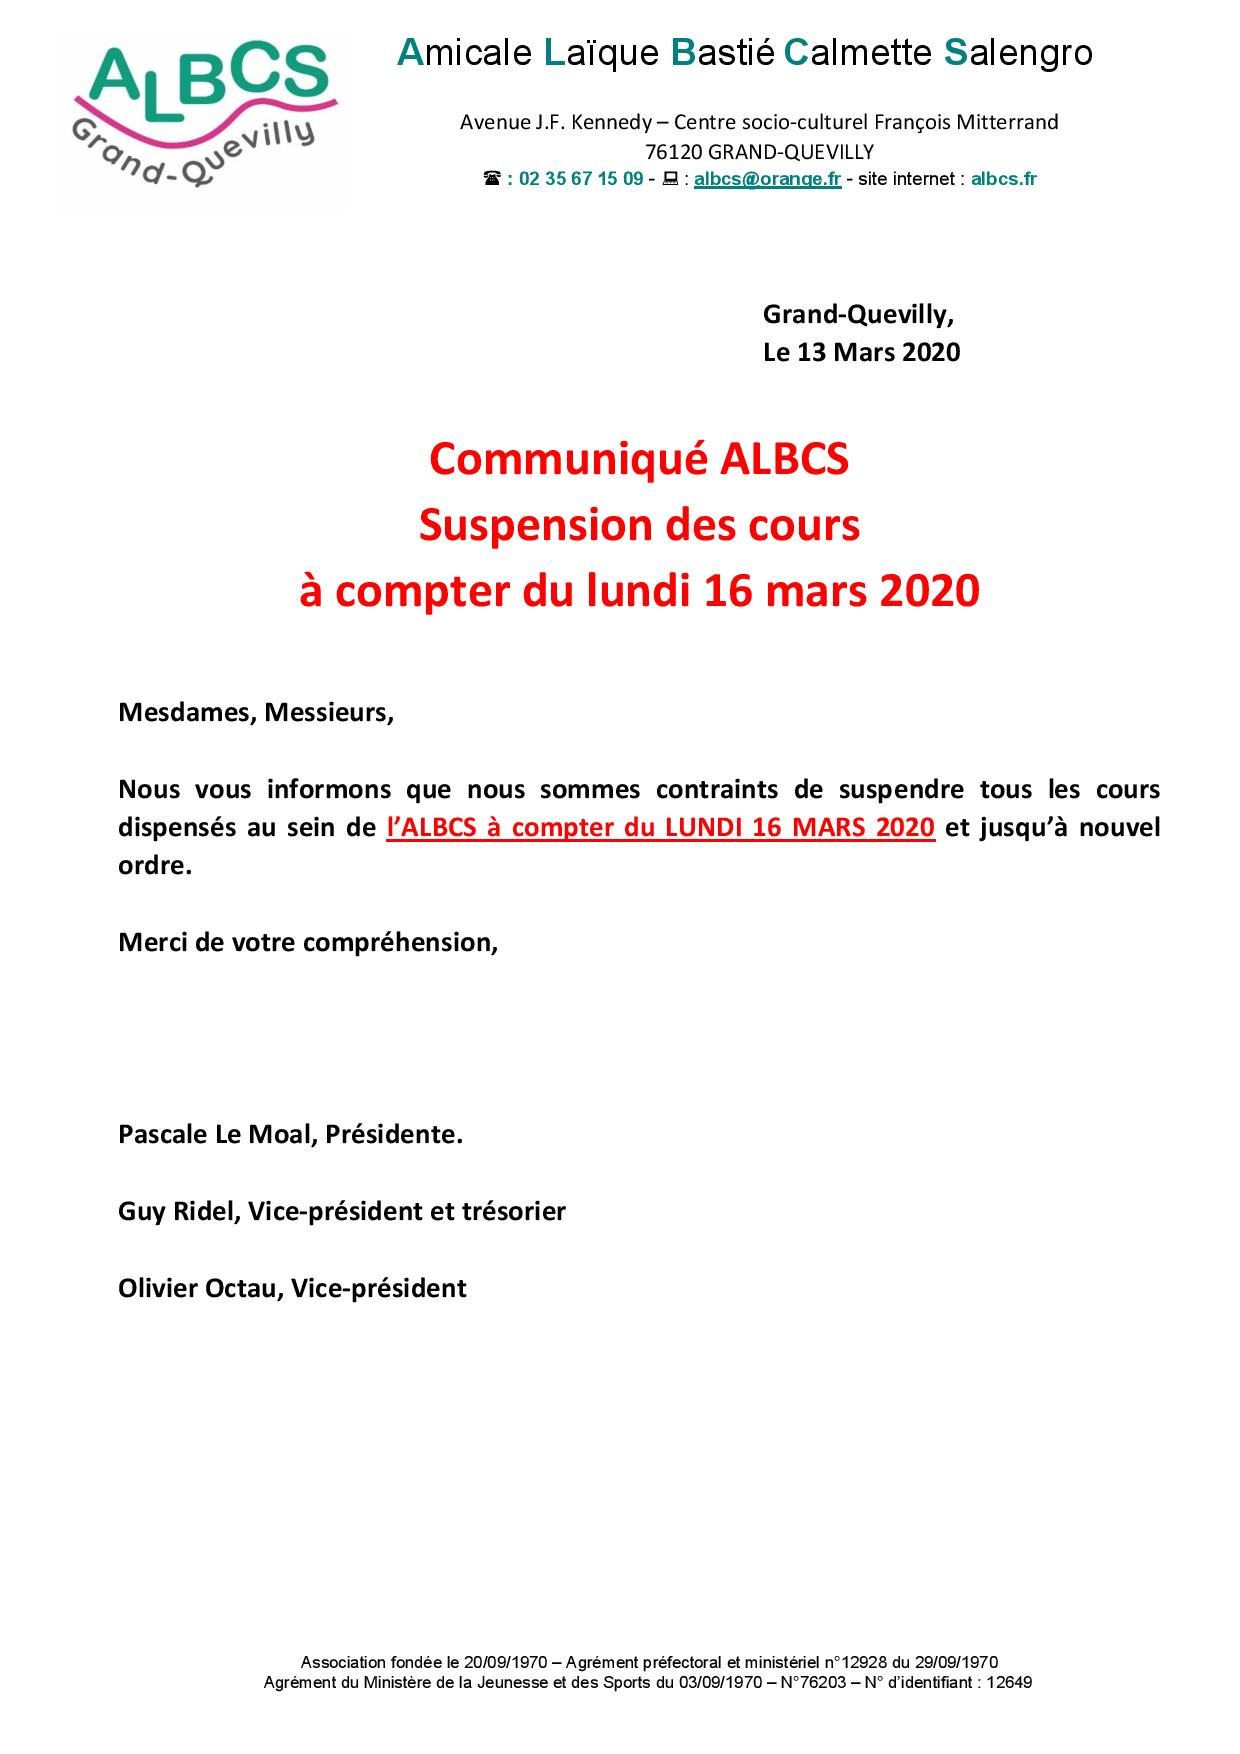 SUSPENSION DE TOUS LES COURS A COMPTER DE LUNDI 16 MARS 2020